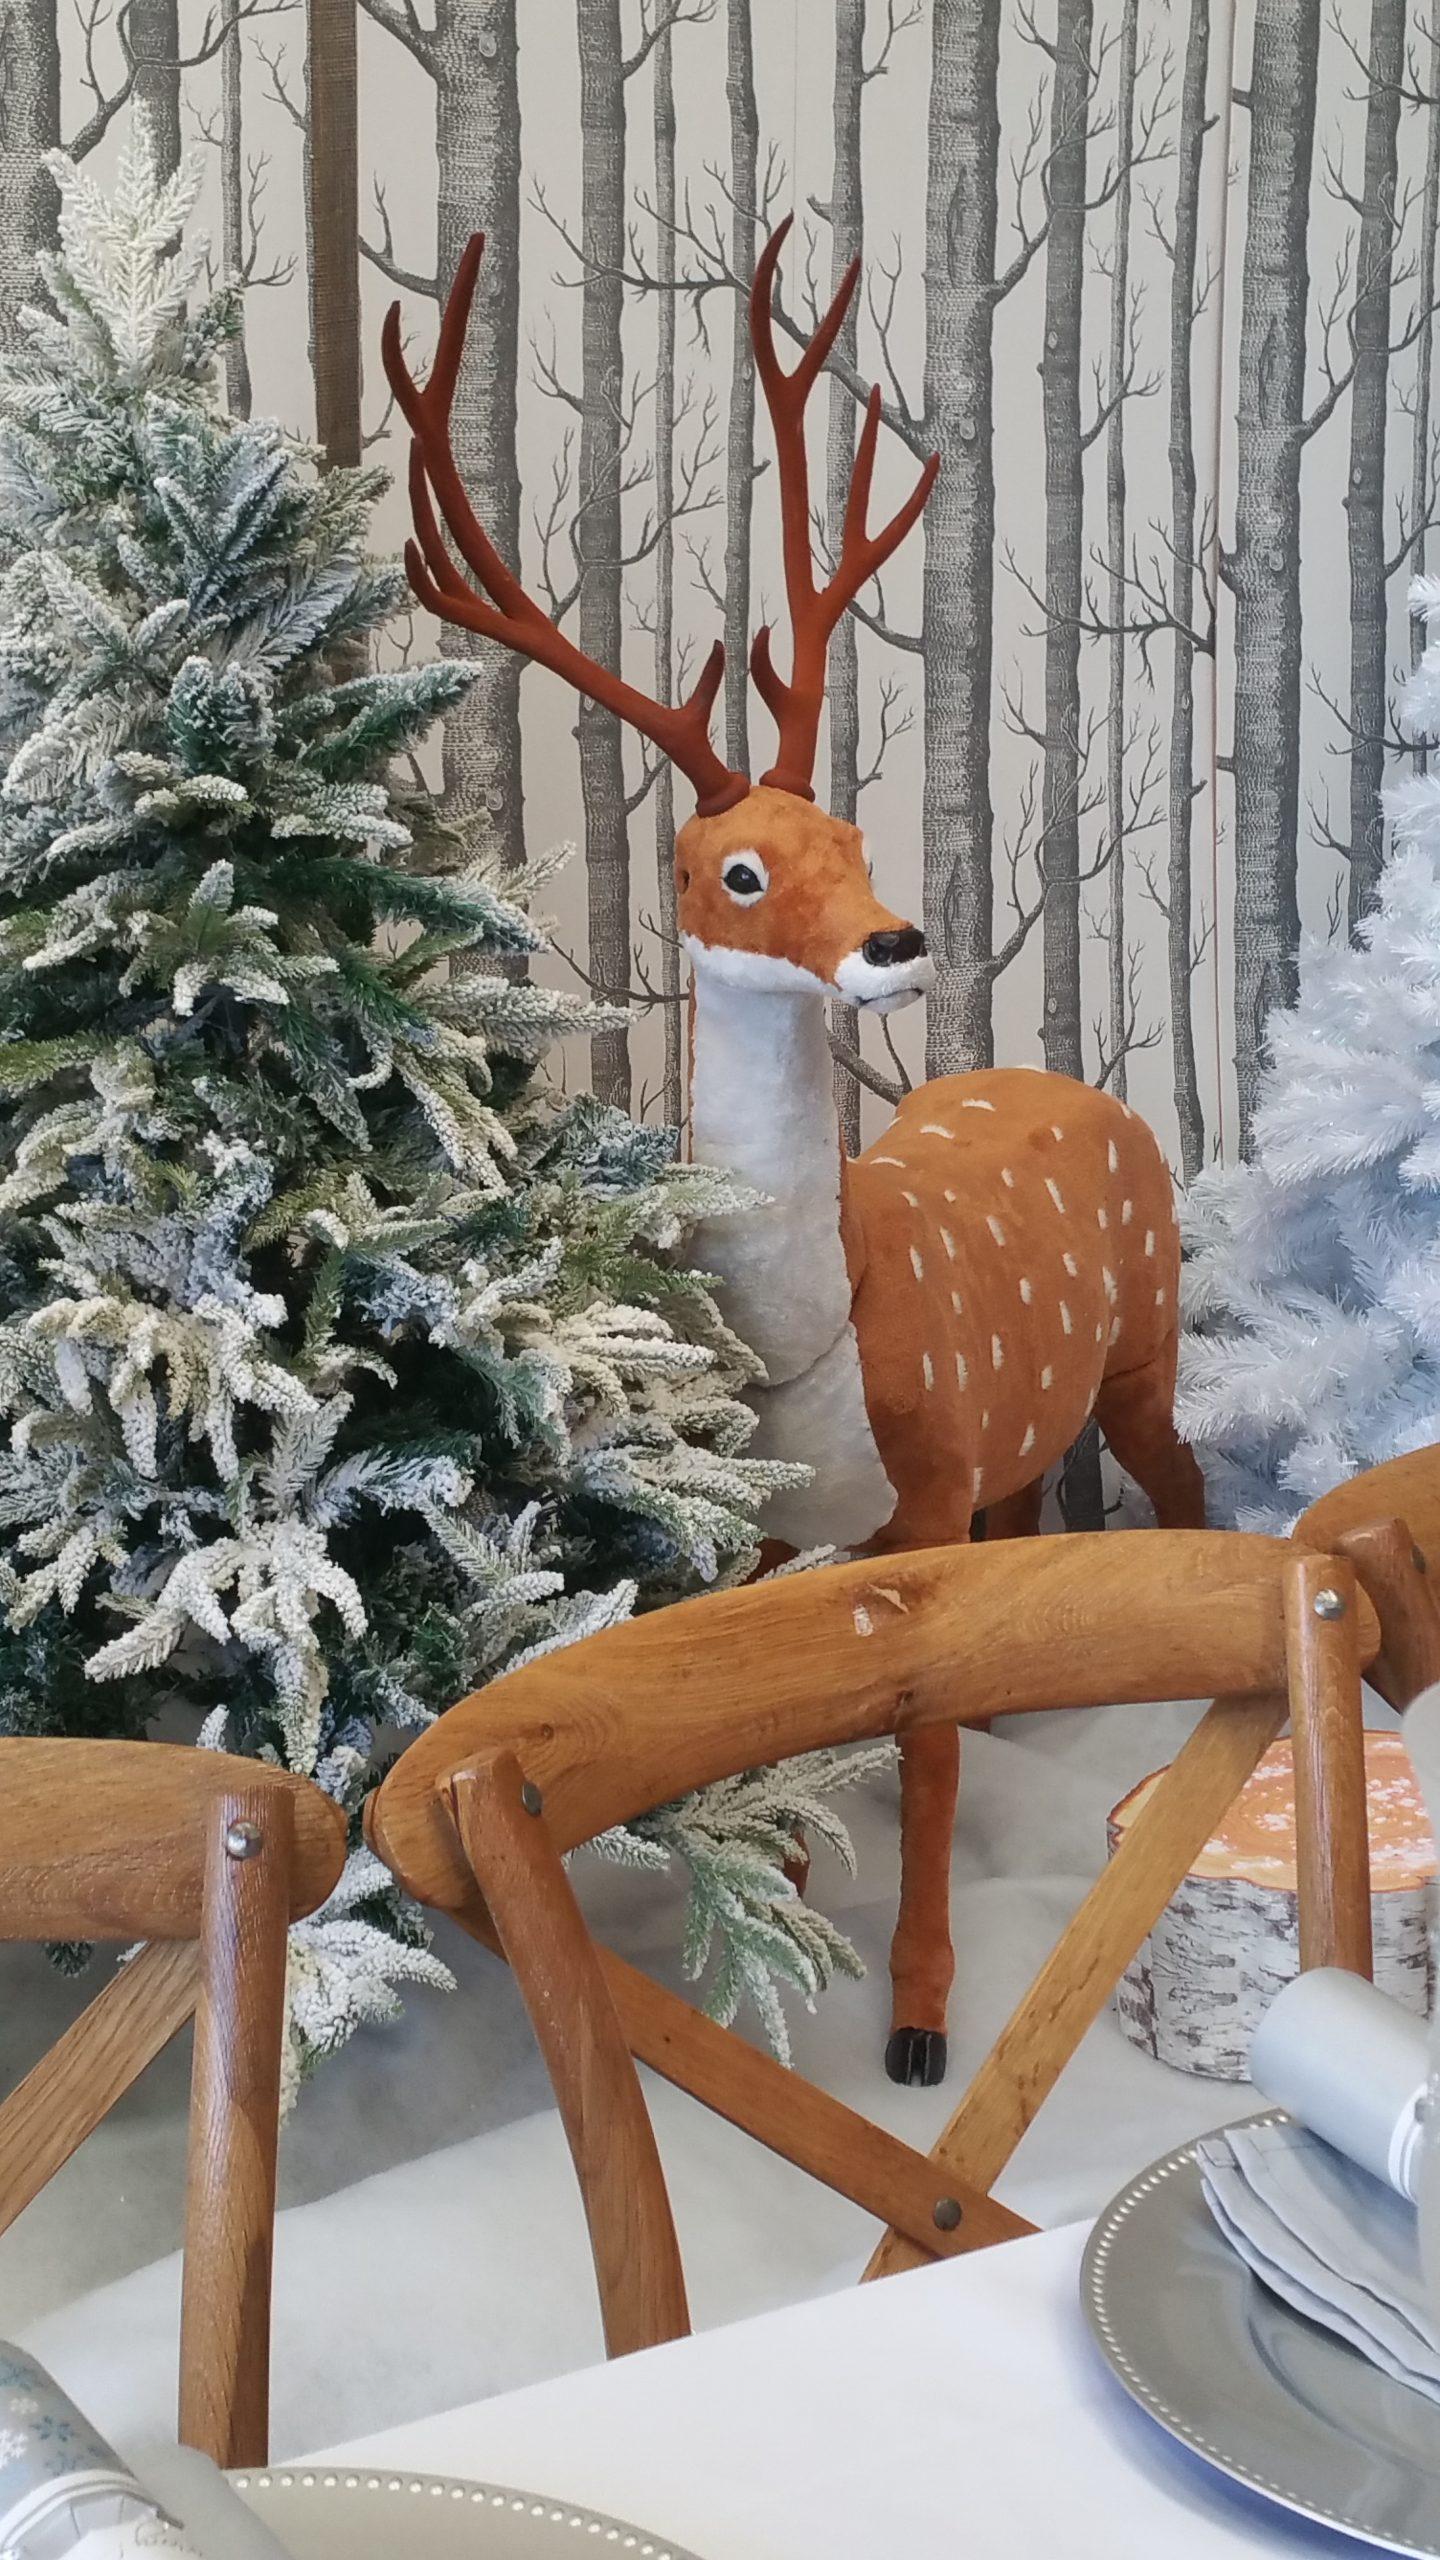 Brown Christmas reindeer in wintery setting